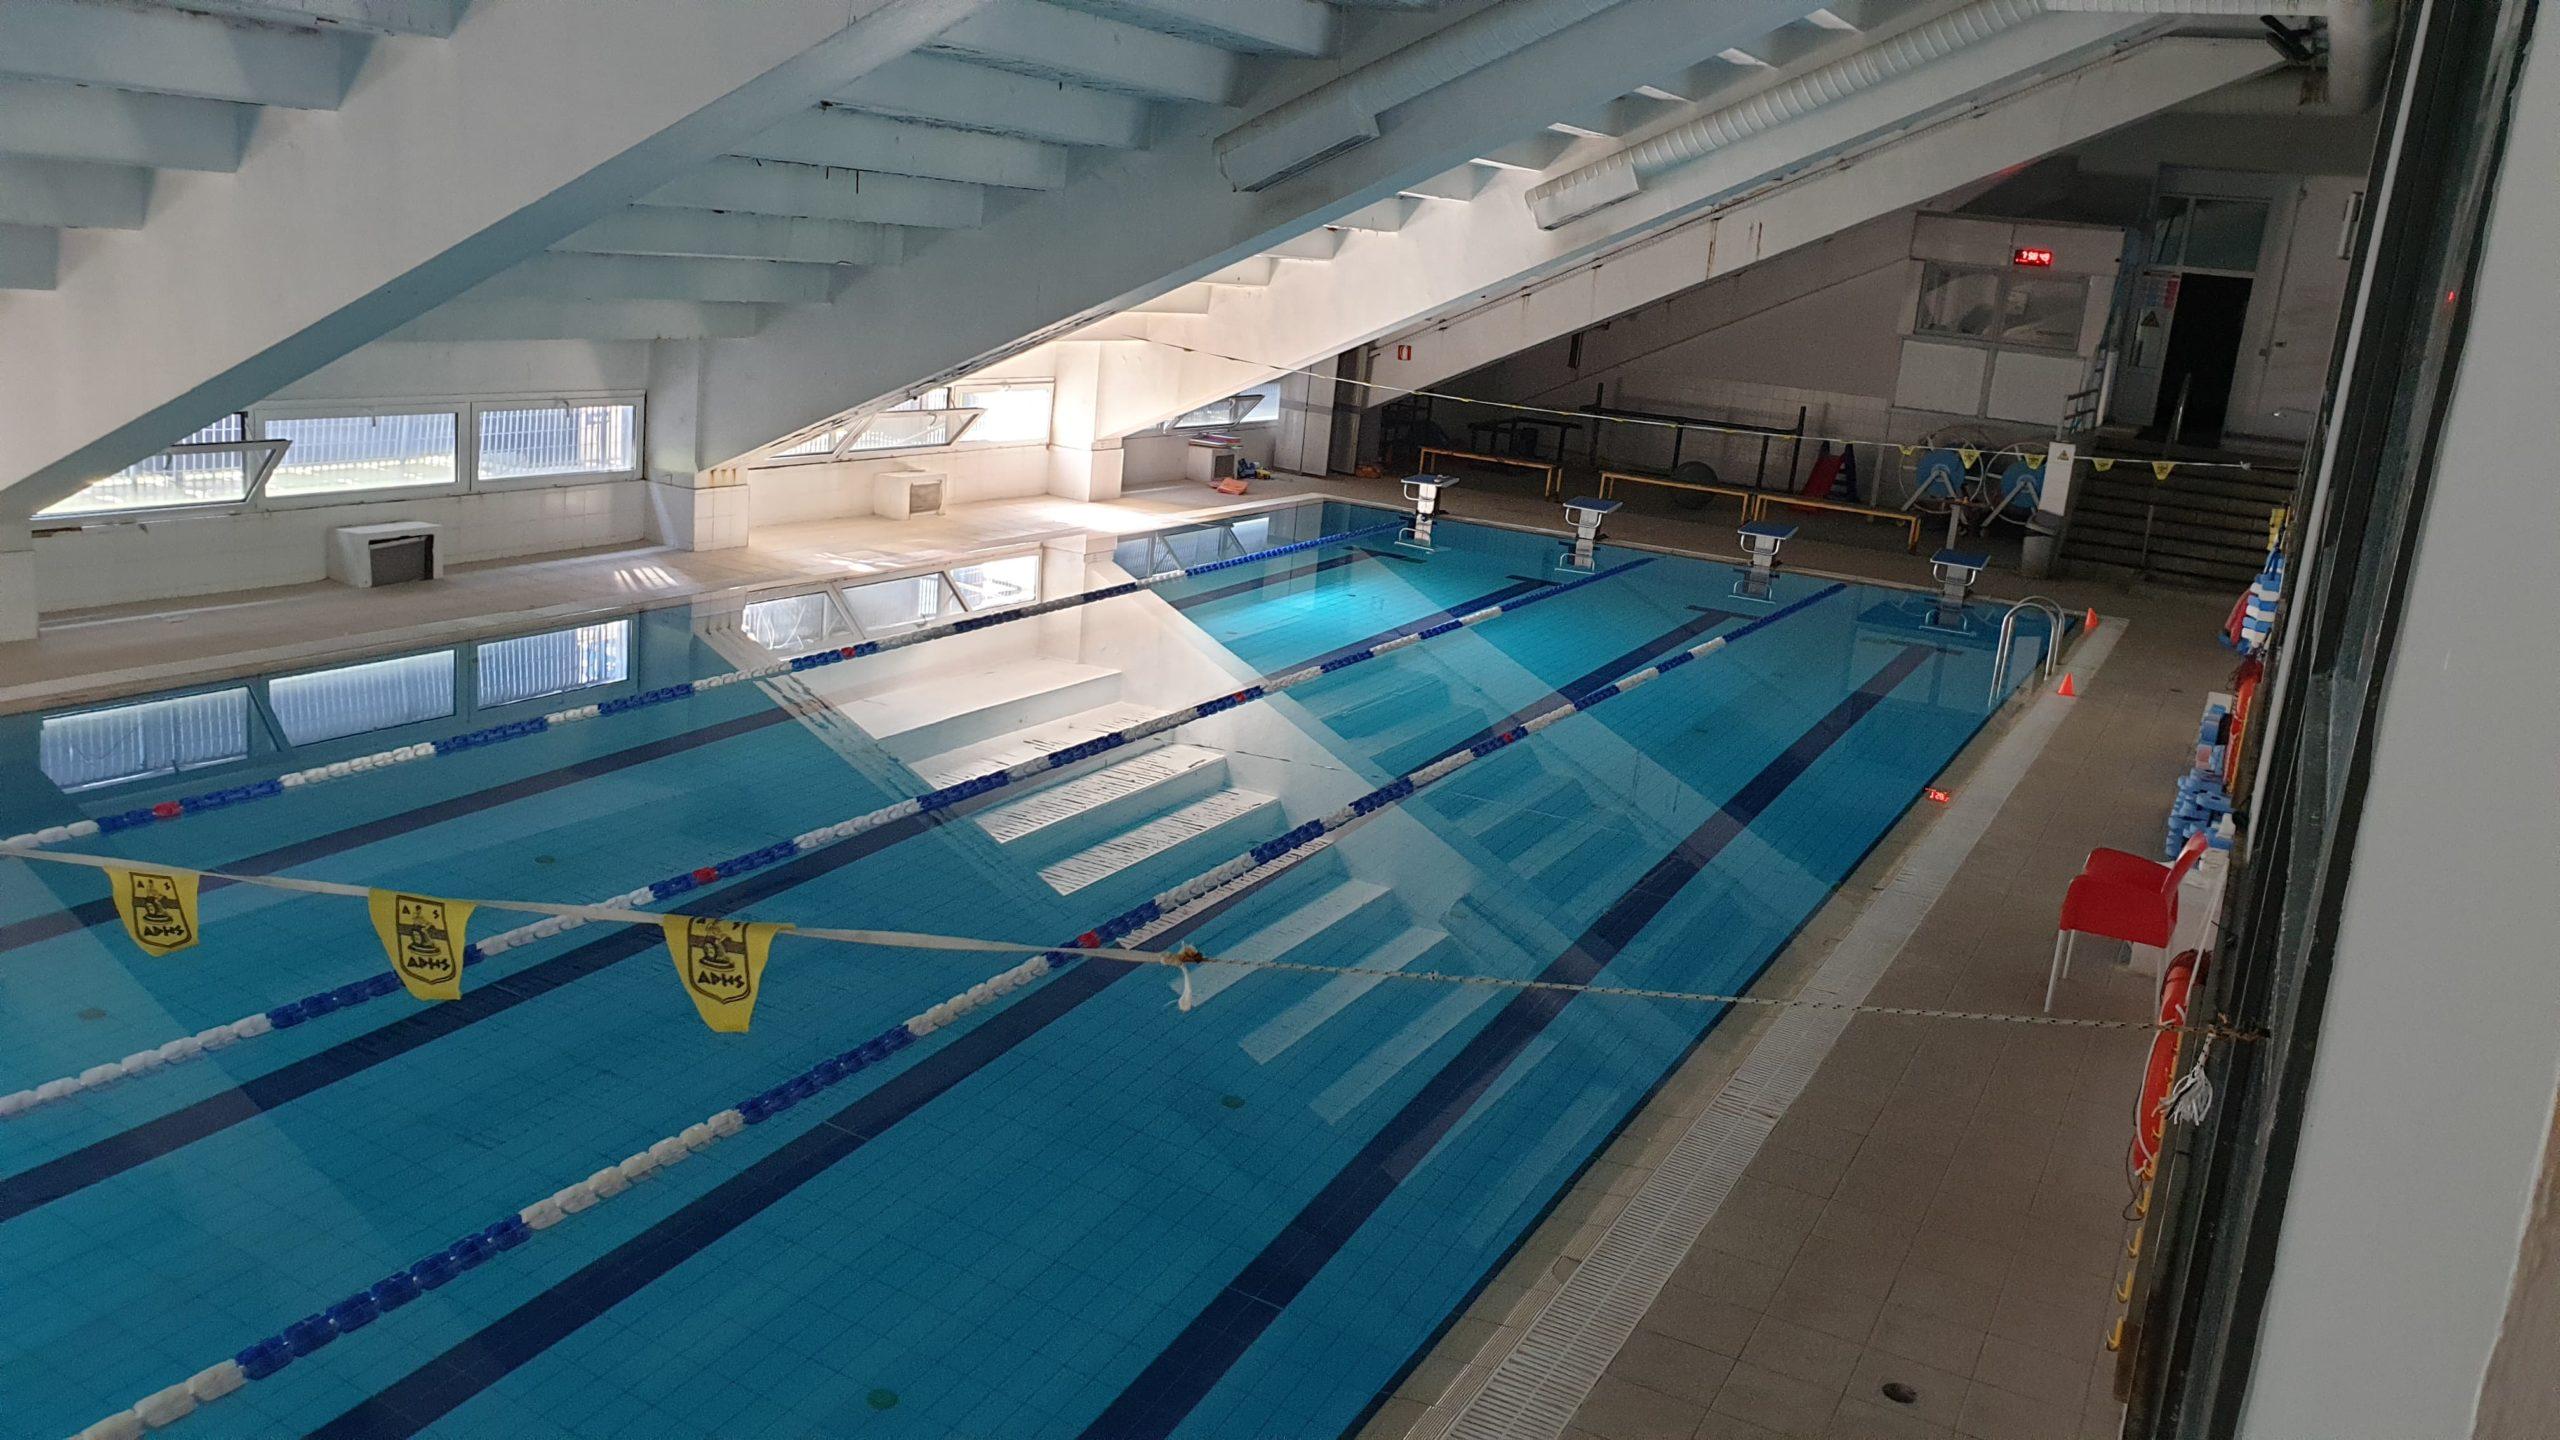 Κολυμβητήριο: Αλλαγή ώρας στο Aqua Aerobic και το τμήμα εκμάθησης ενηλίκων